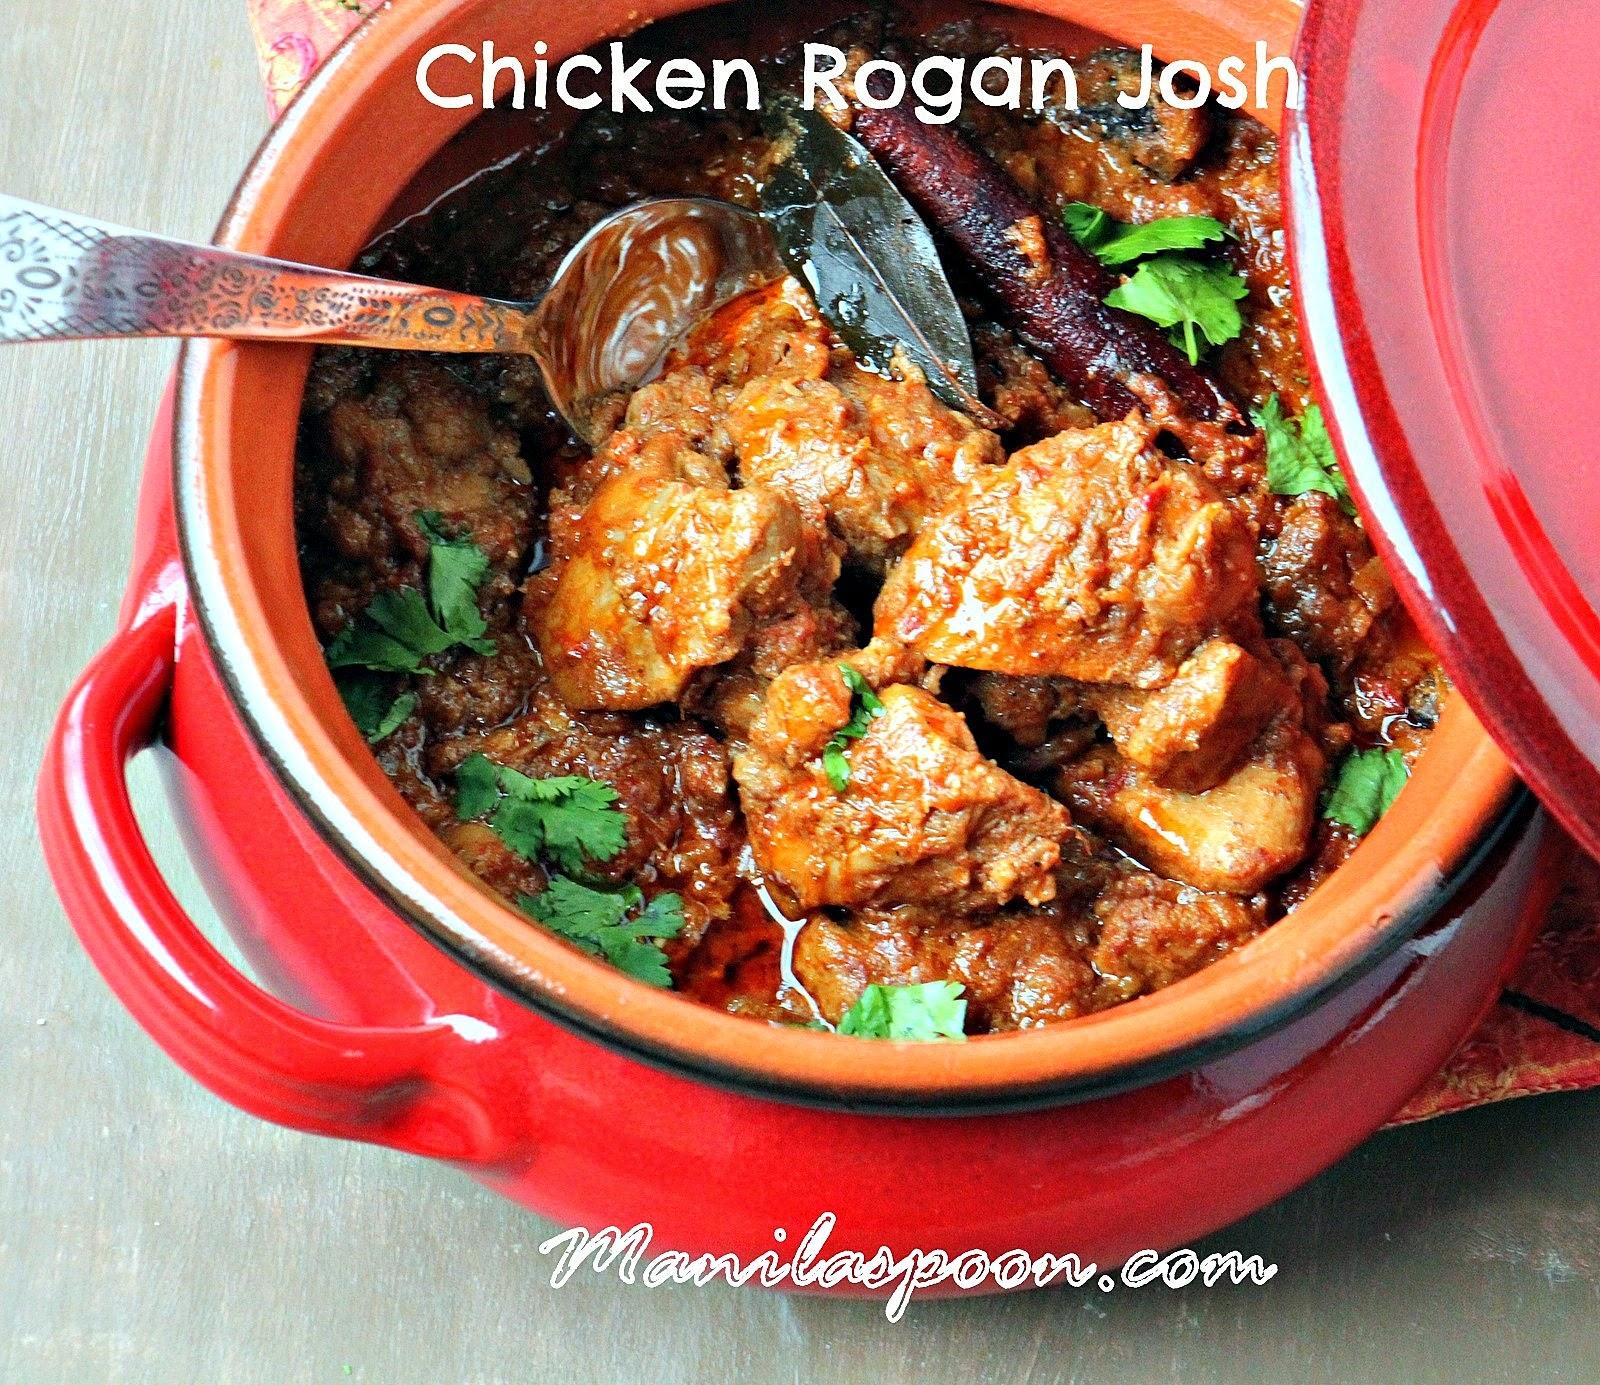 Chicken Rogan Josh